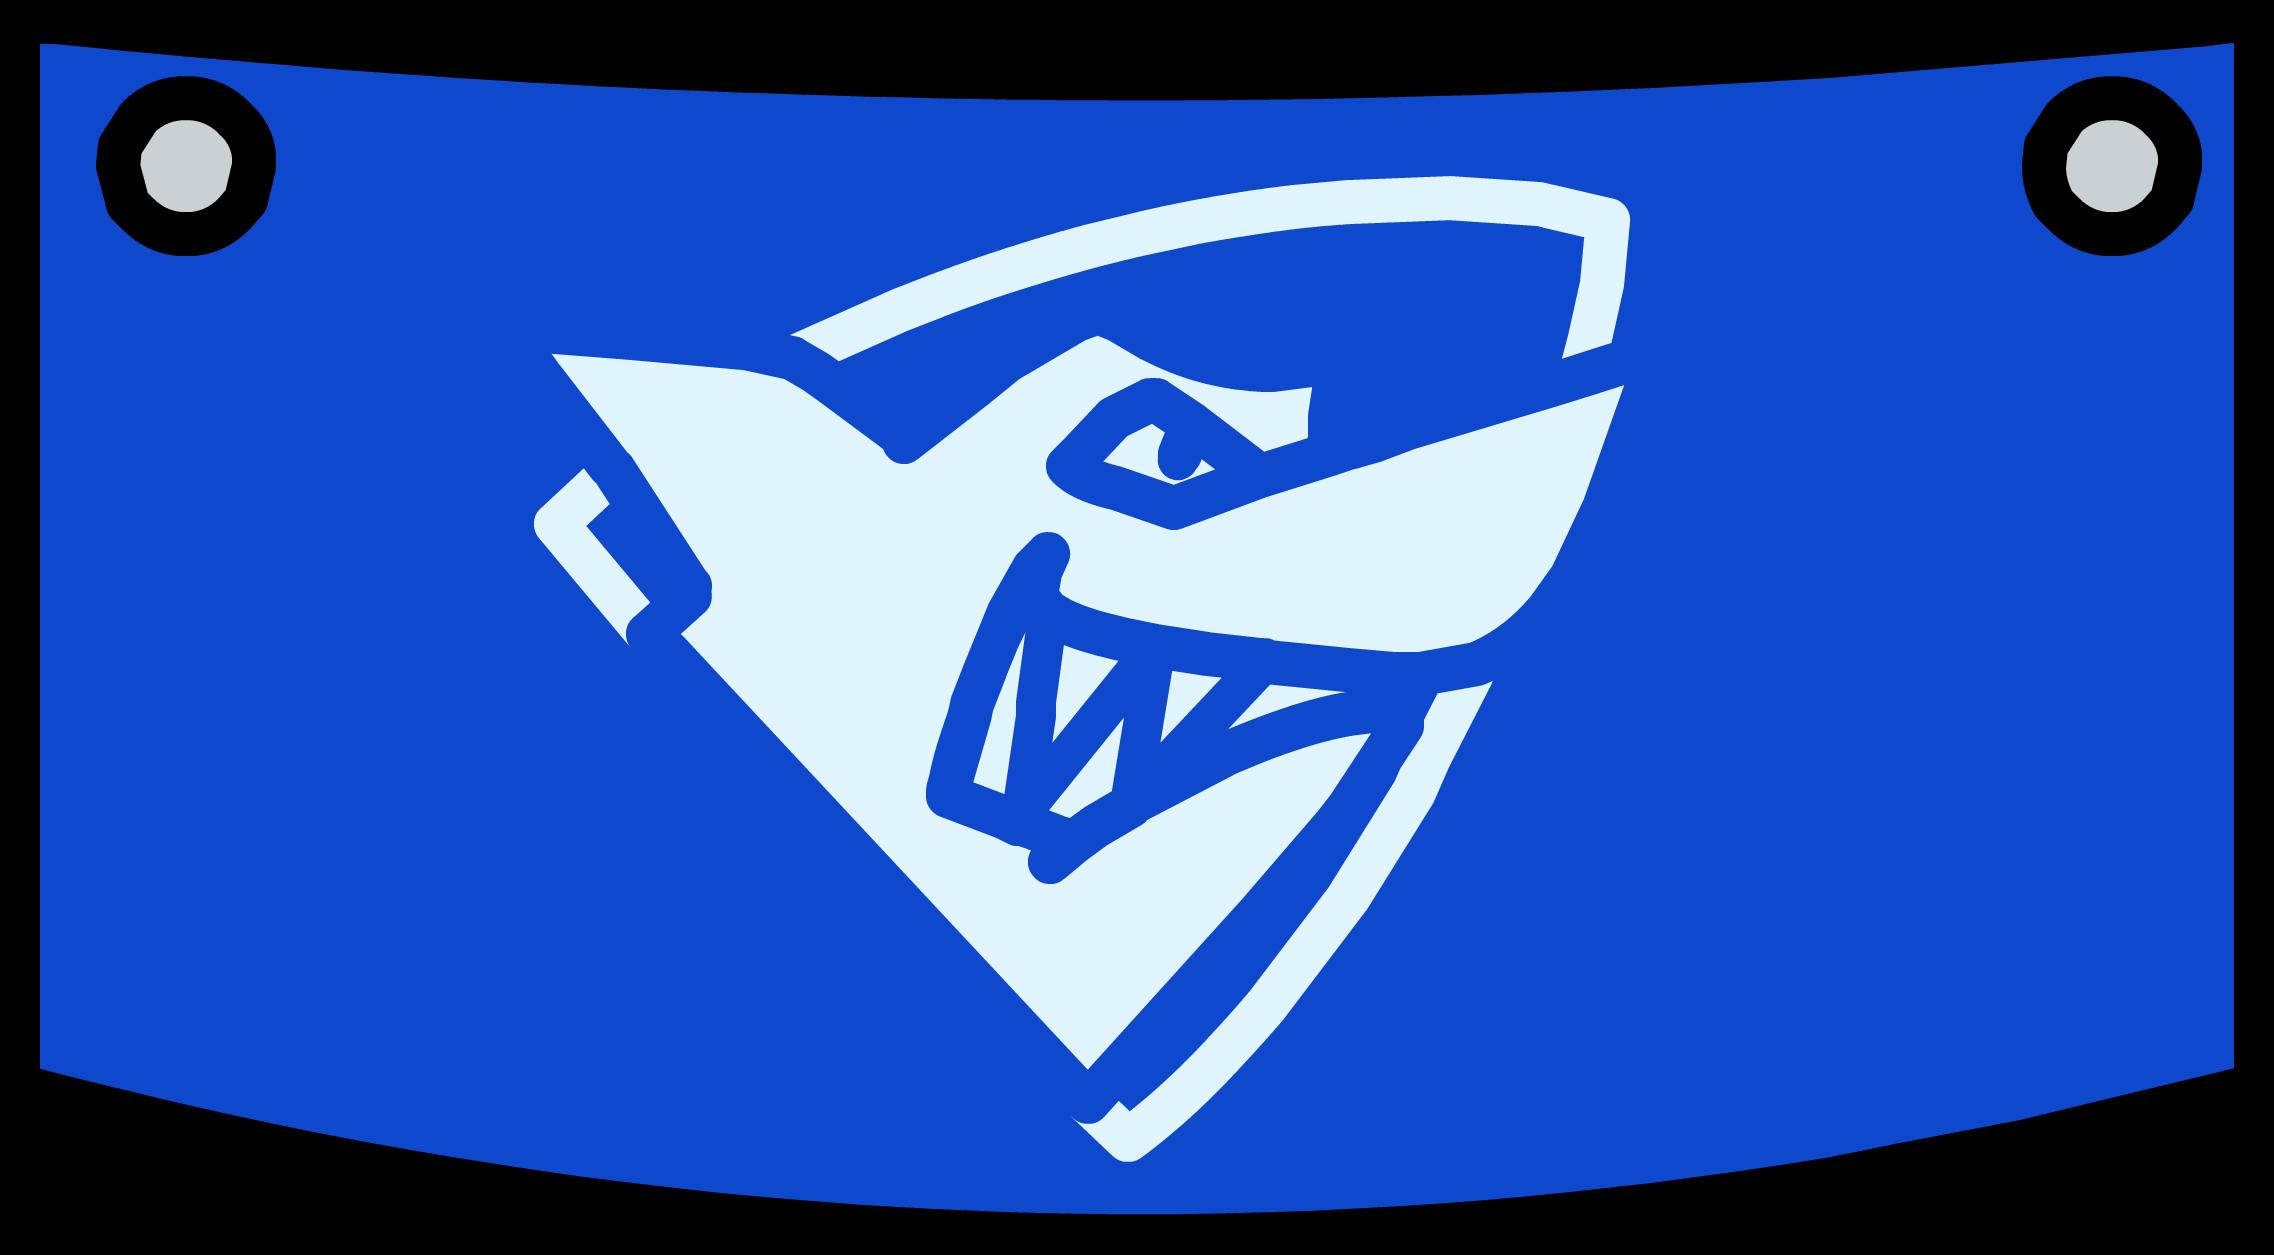 Bandera de Tiburones